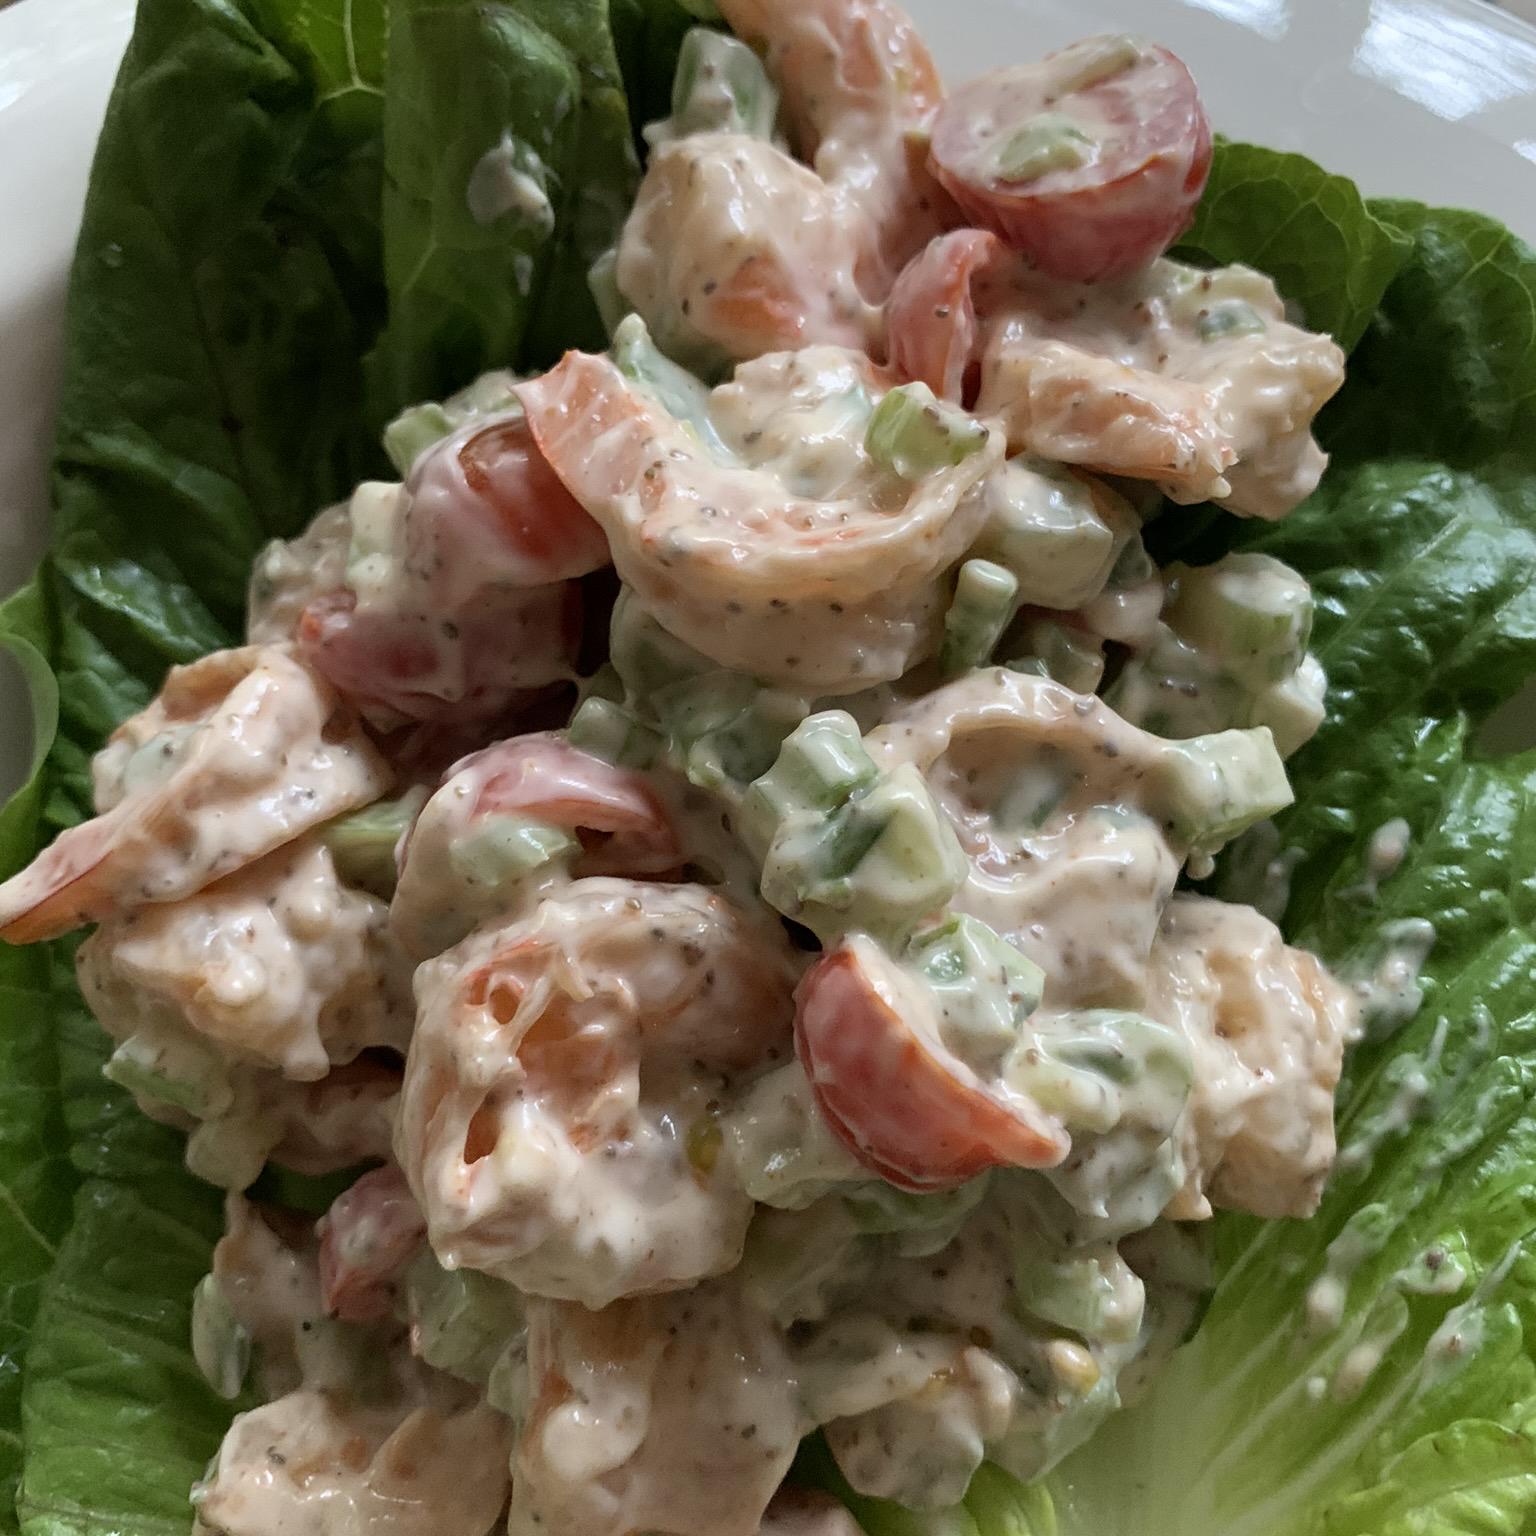 Doris's Shrimp Salad Farzana Bhatti-Moose